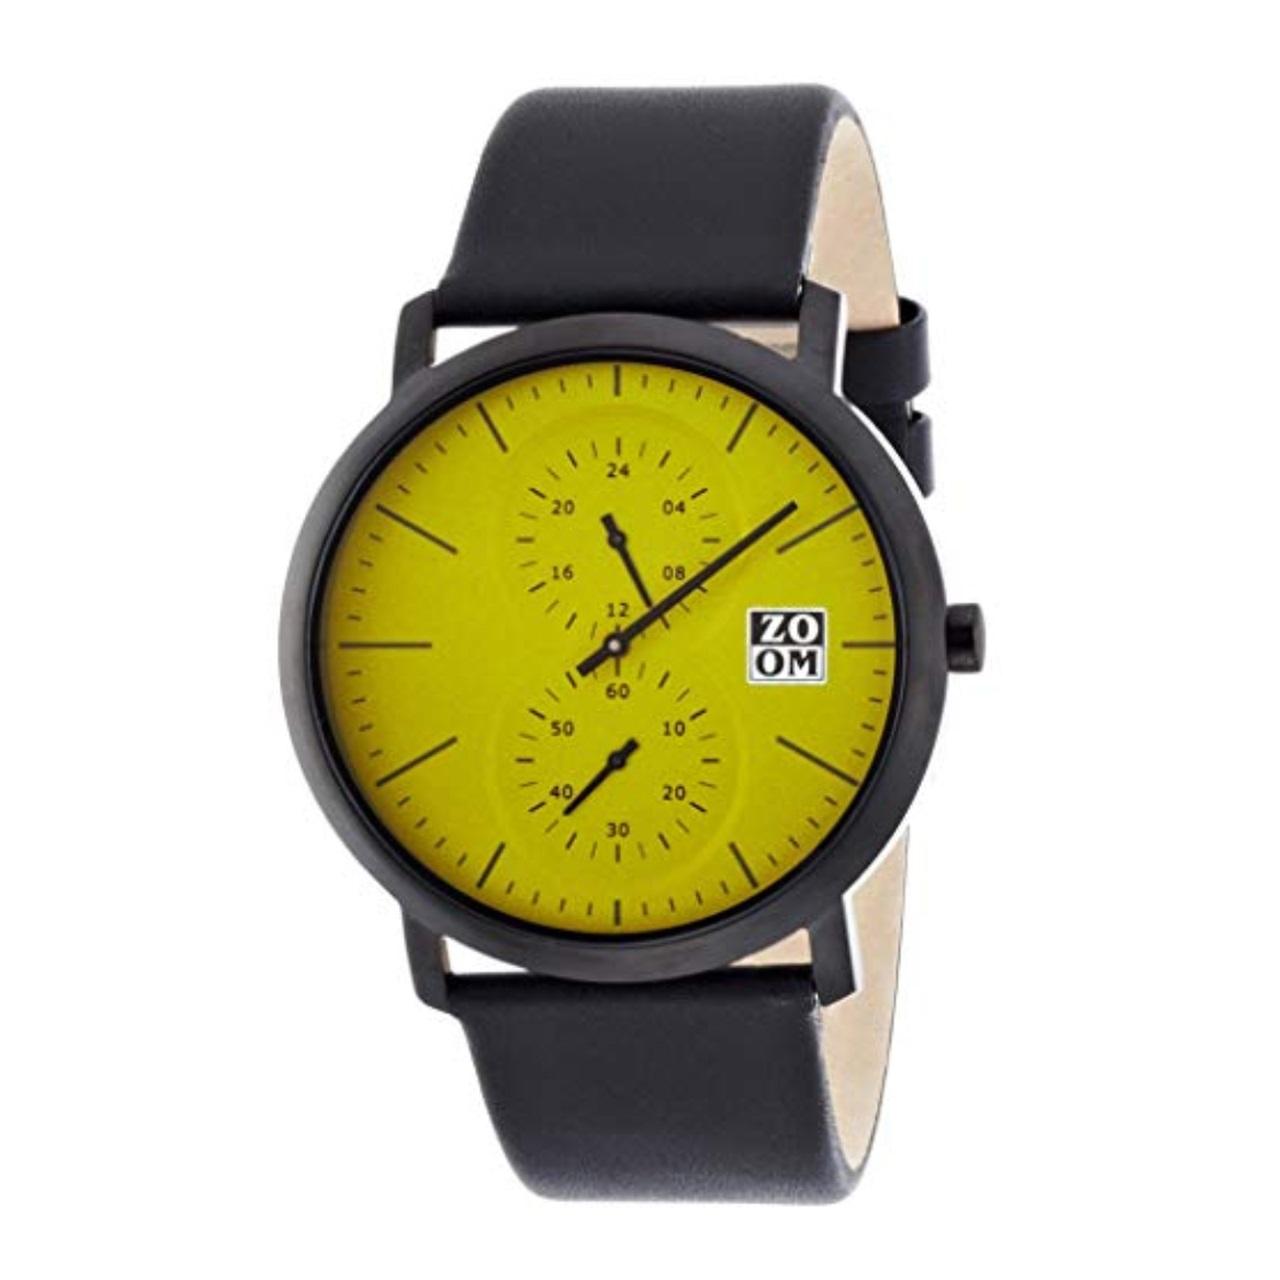 ساعت مچی عقربه ای مردانه ZOOM مدل ZM.7100M.2511 16